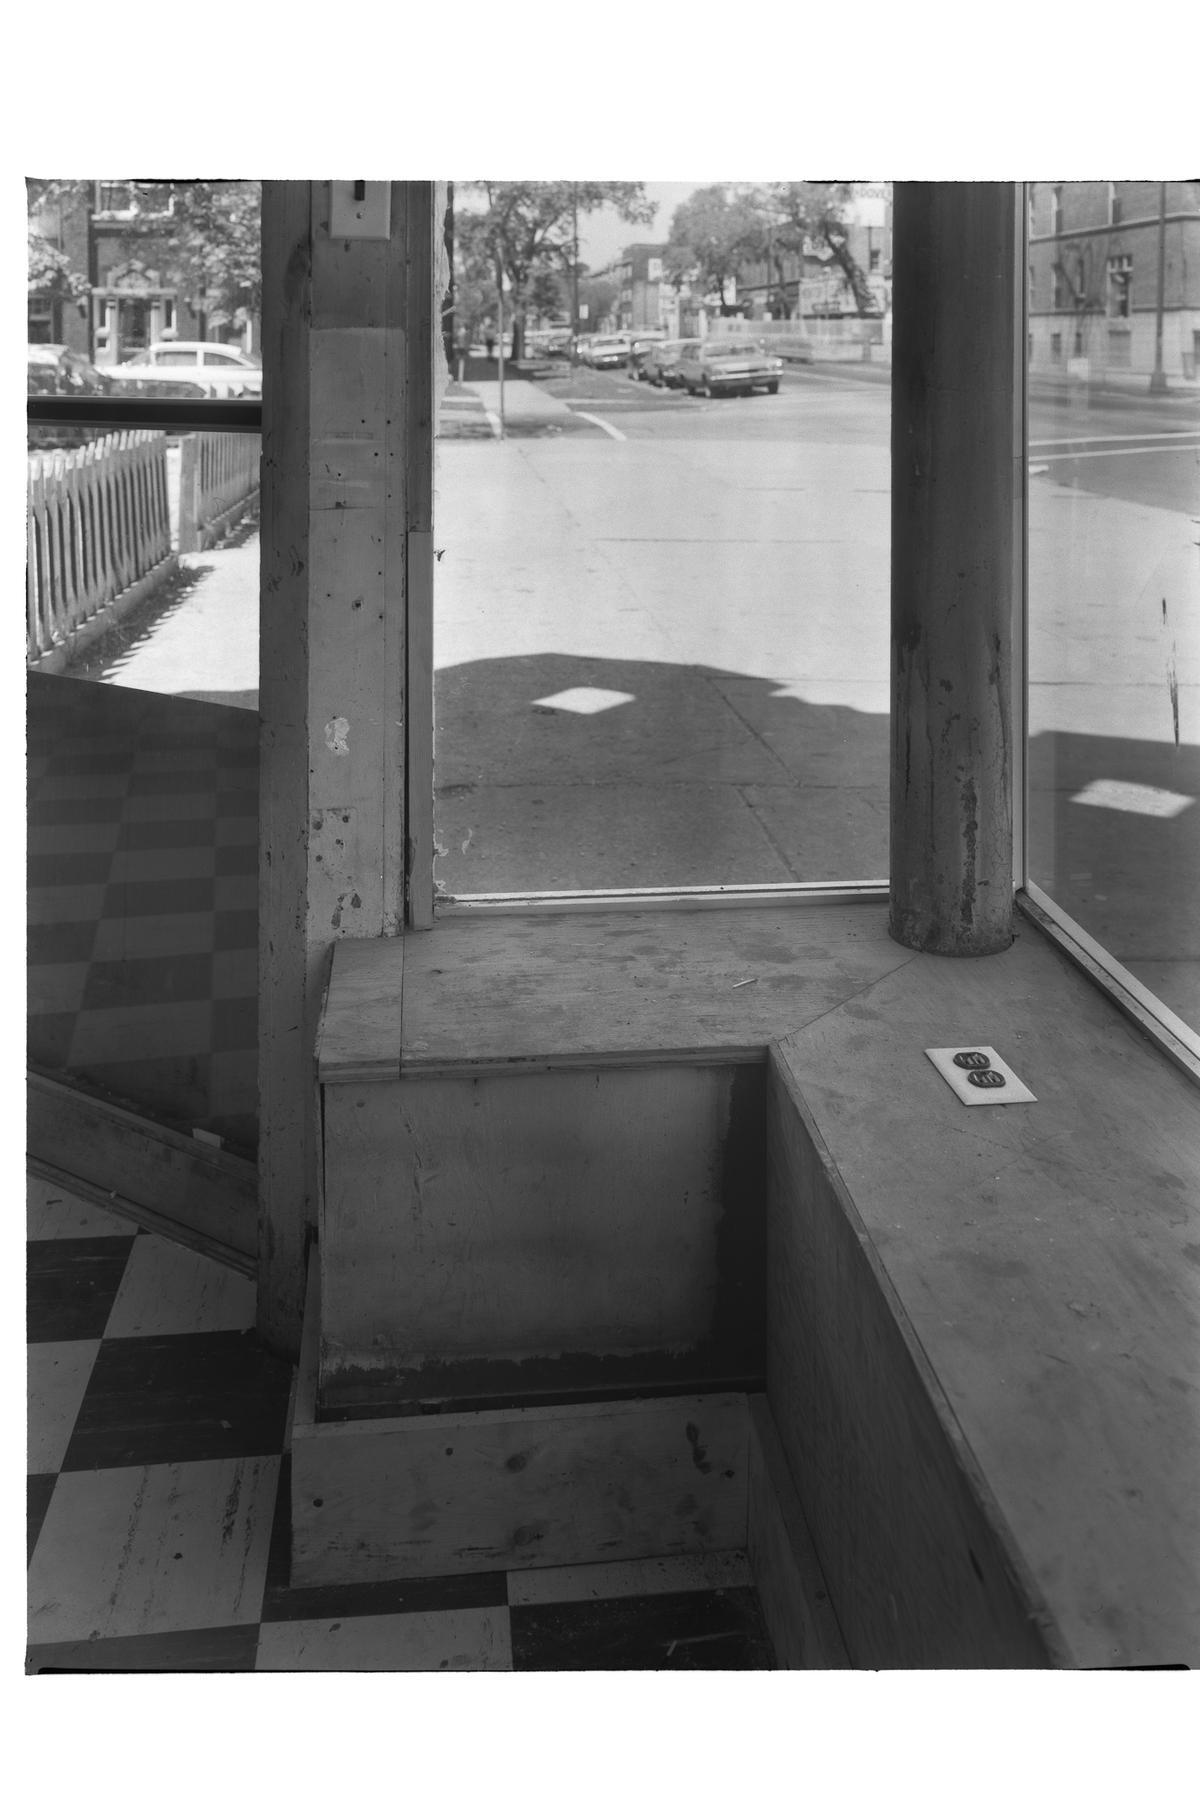 1367 West Wilson Avenue; interior view